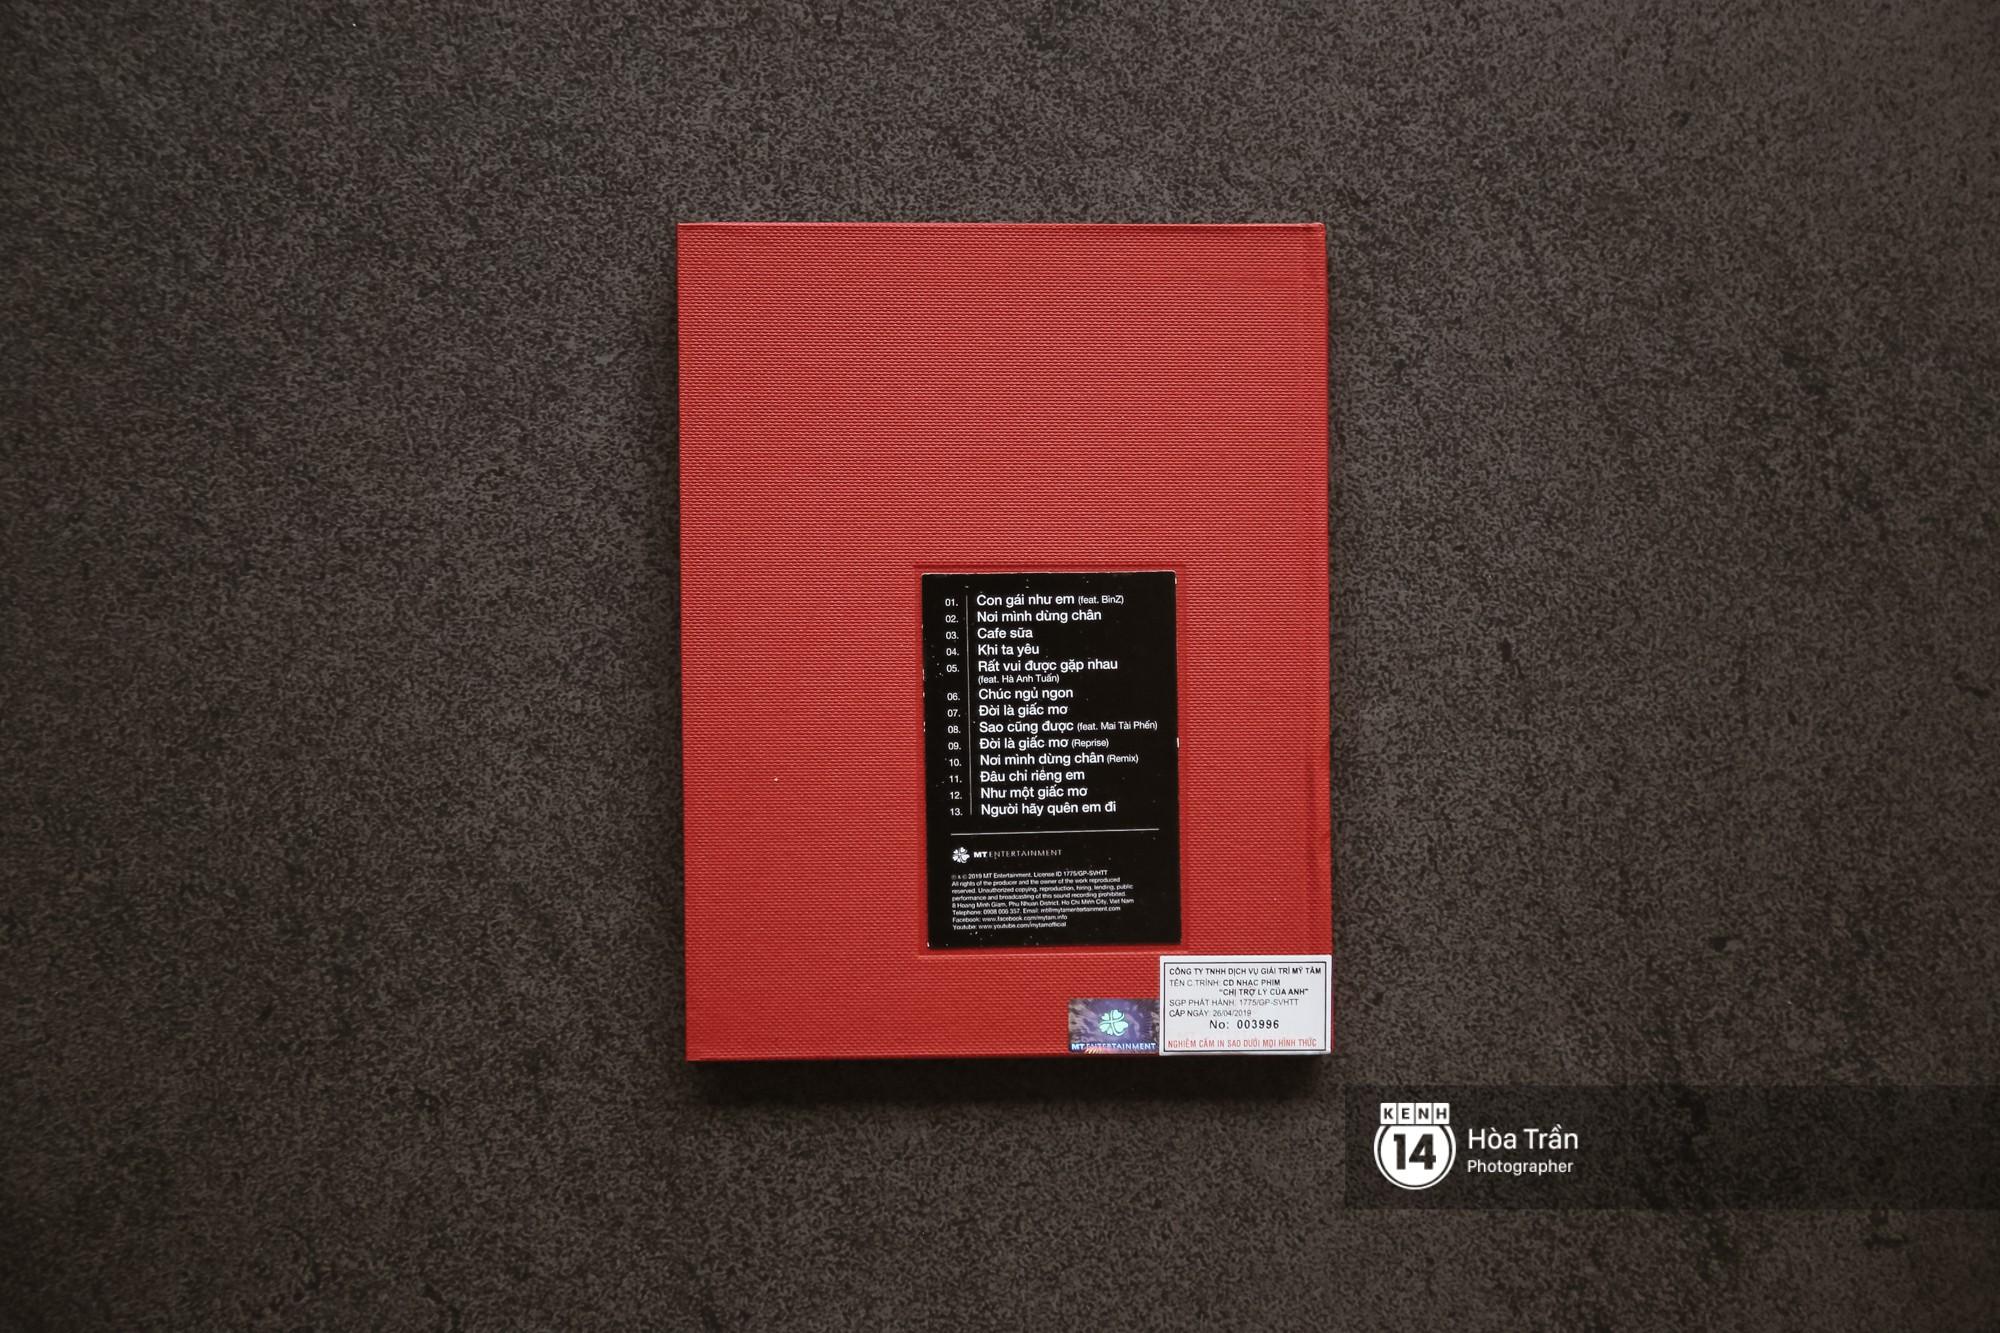 Đập hộp album nhạc phim của Mỹ Tâm: Hơn một nửa là bài cũ, tiêu thụ 4000 bản chỉ trong 2 giờ! - Ảnh 2.